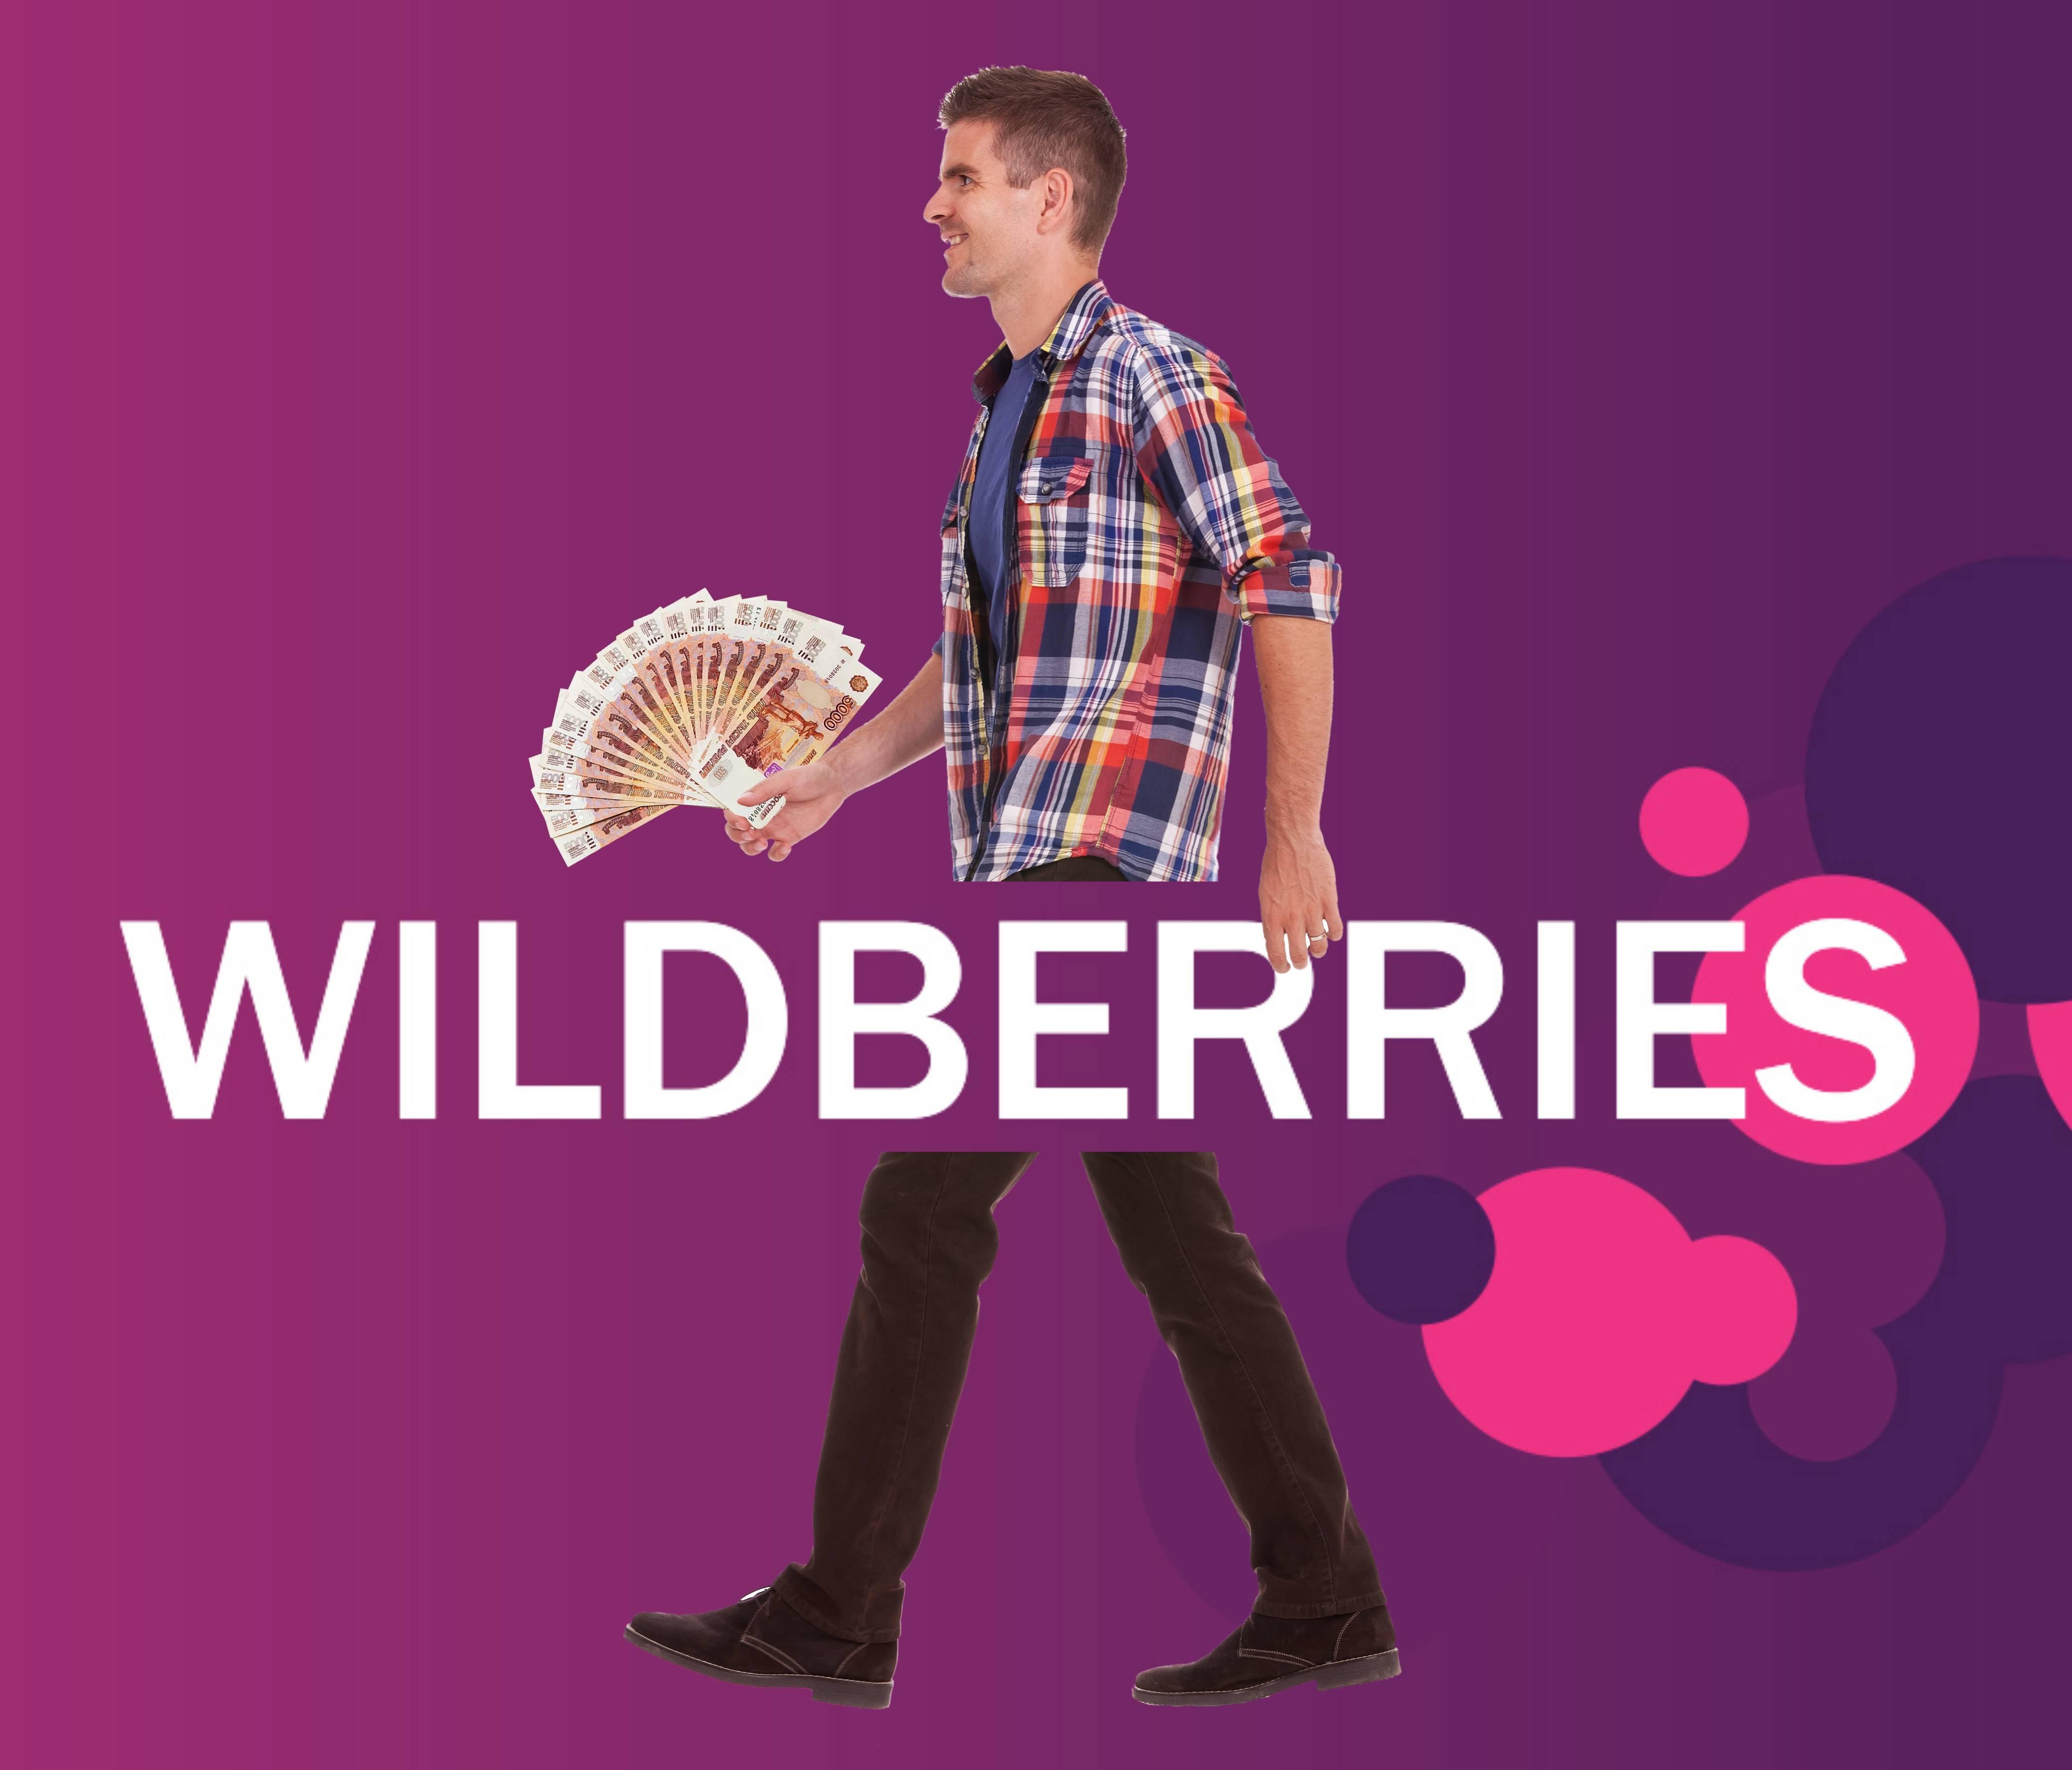 0886dfd6441bf Жители нескольких российских городов пожаловались на сервис Wildberries в  сети. Россиян возмущает факт начисления стоимости доставки к сумме заказа.